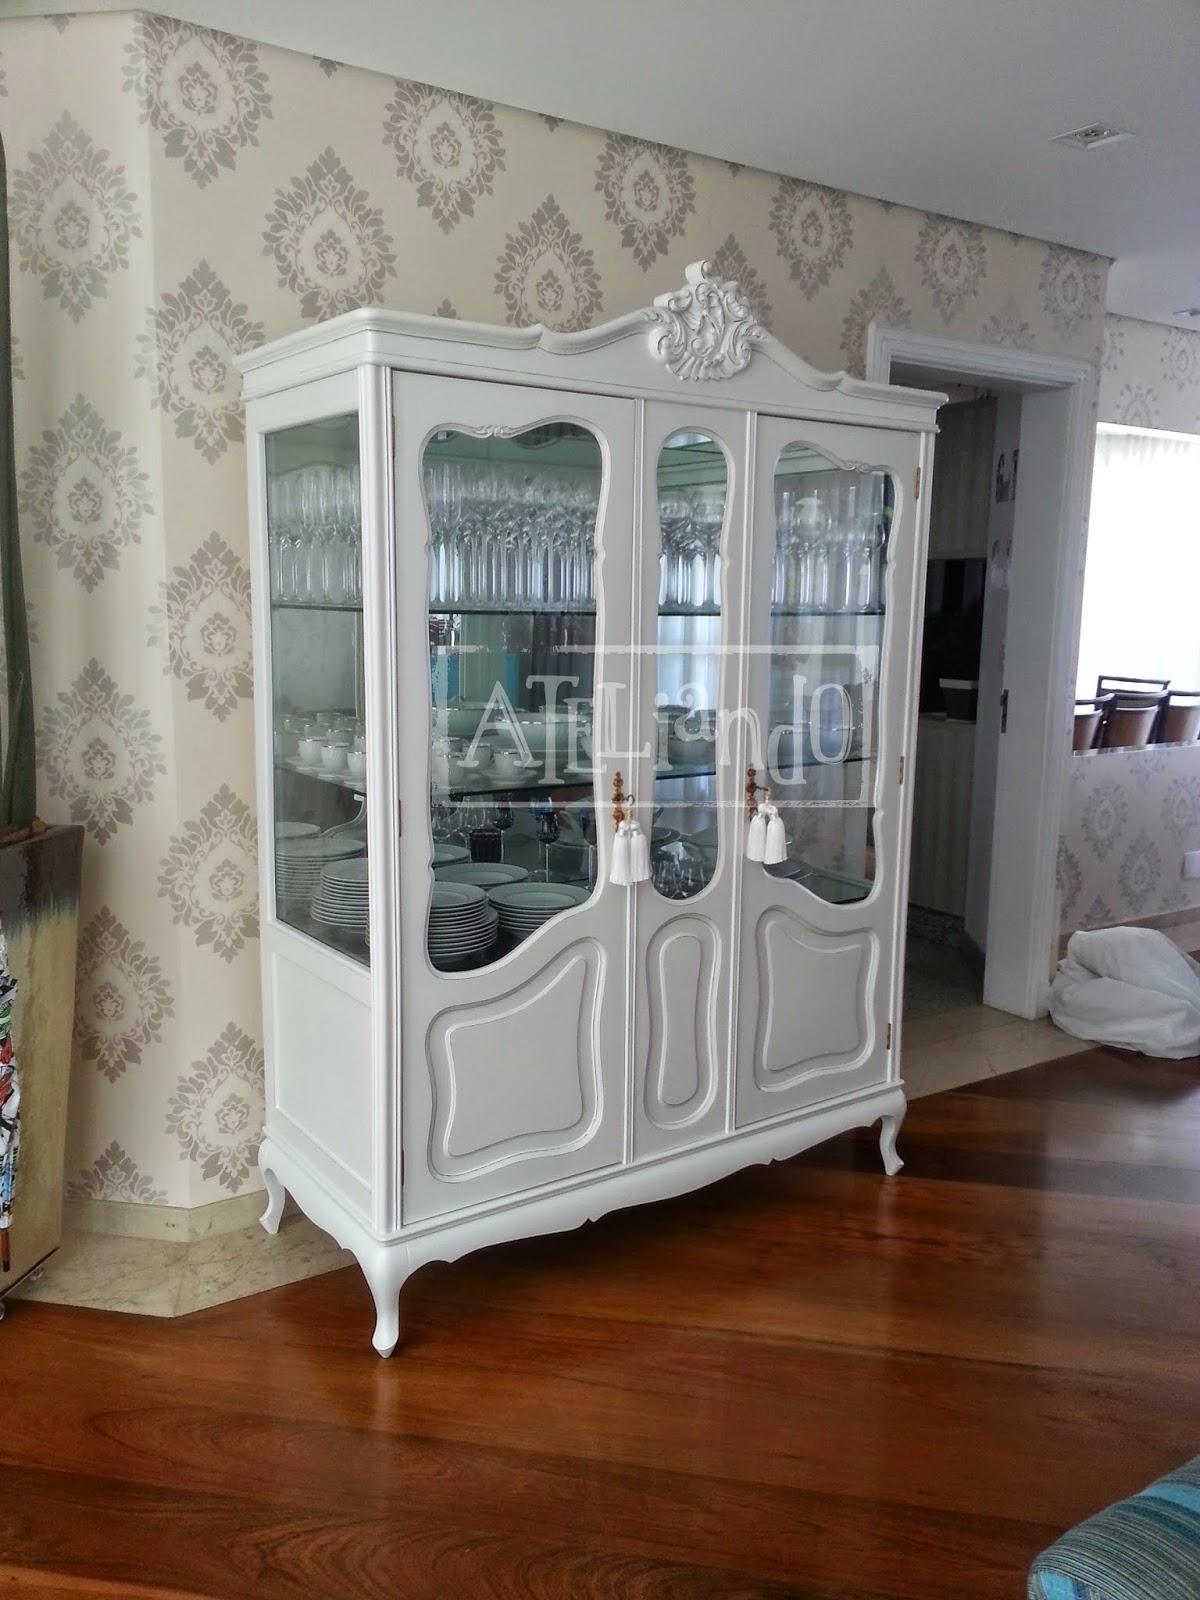 Ateliando Customização de móveis antigos: Cristaleira Natural #633419 1200x1600